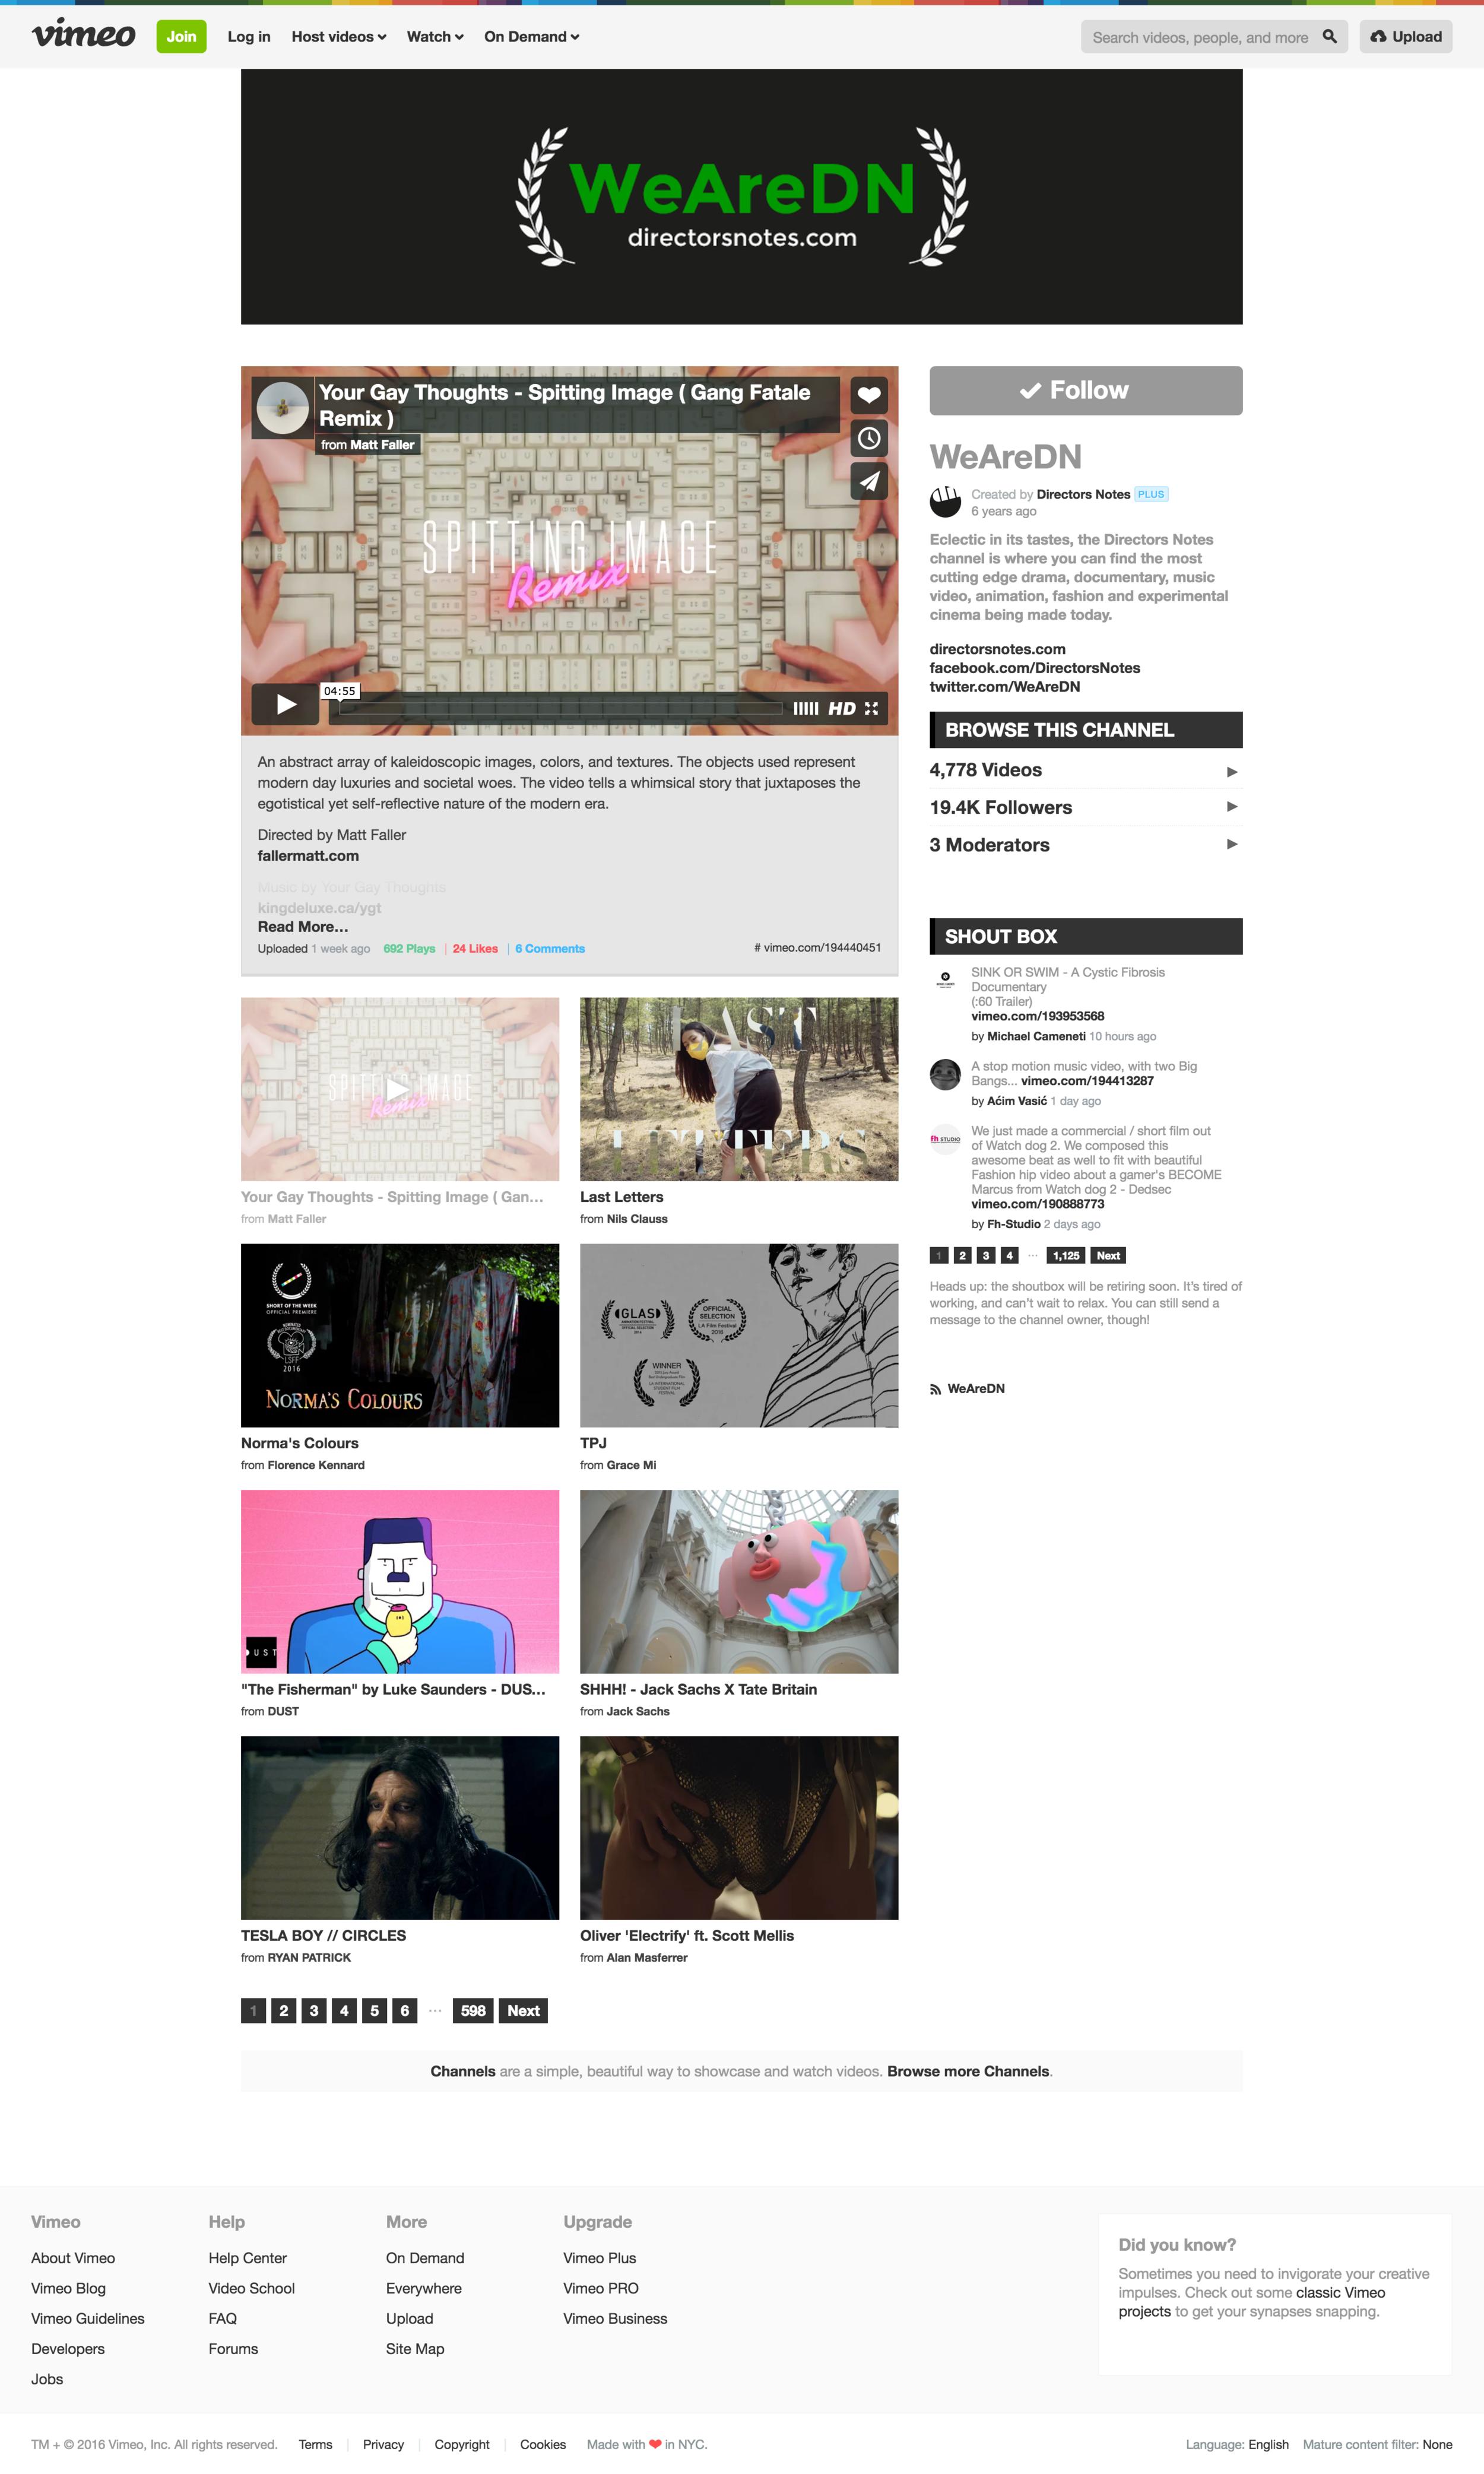 screencapture-vimeo-channels-wearedn-1481681495125.png